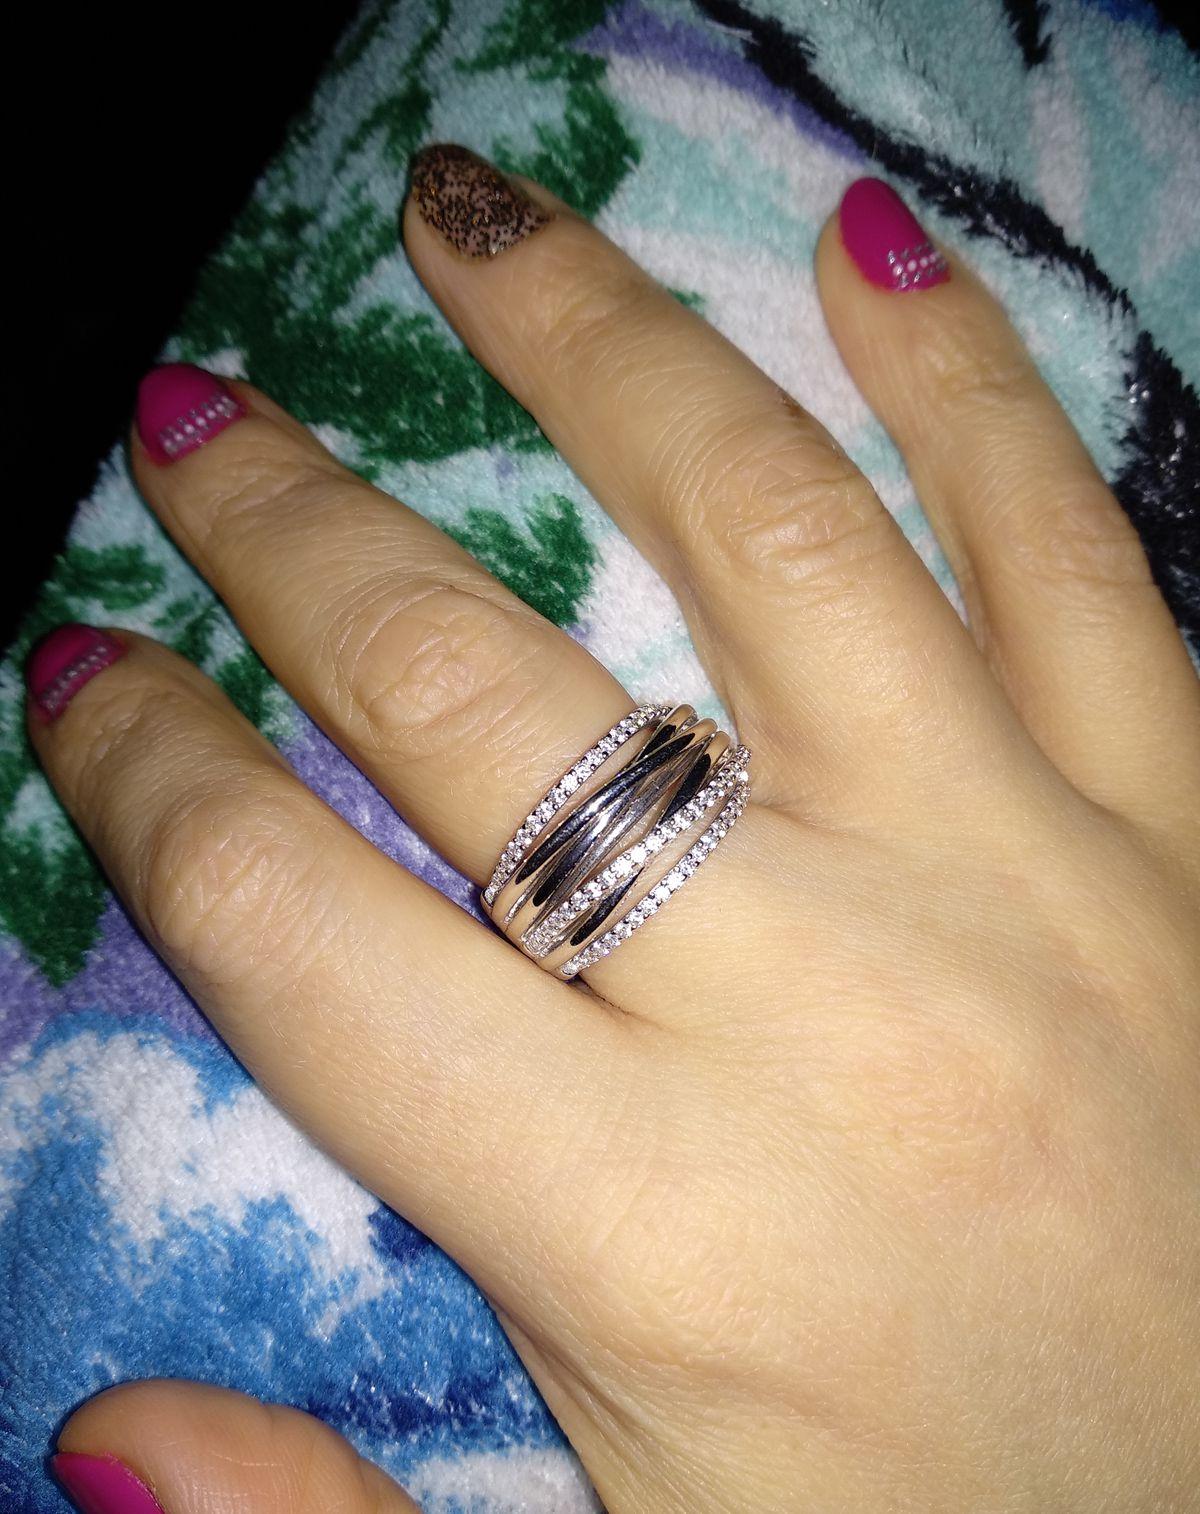 Прелестное кольцо 🤩!!!